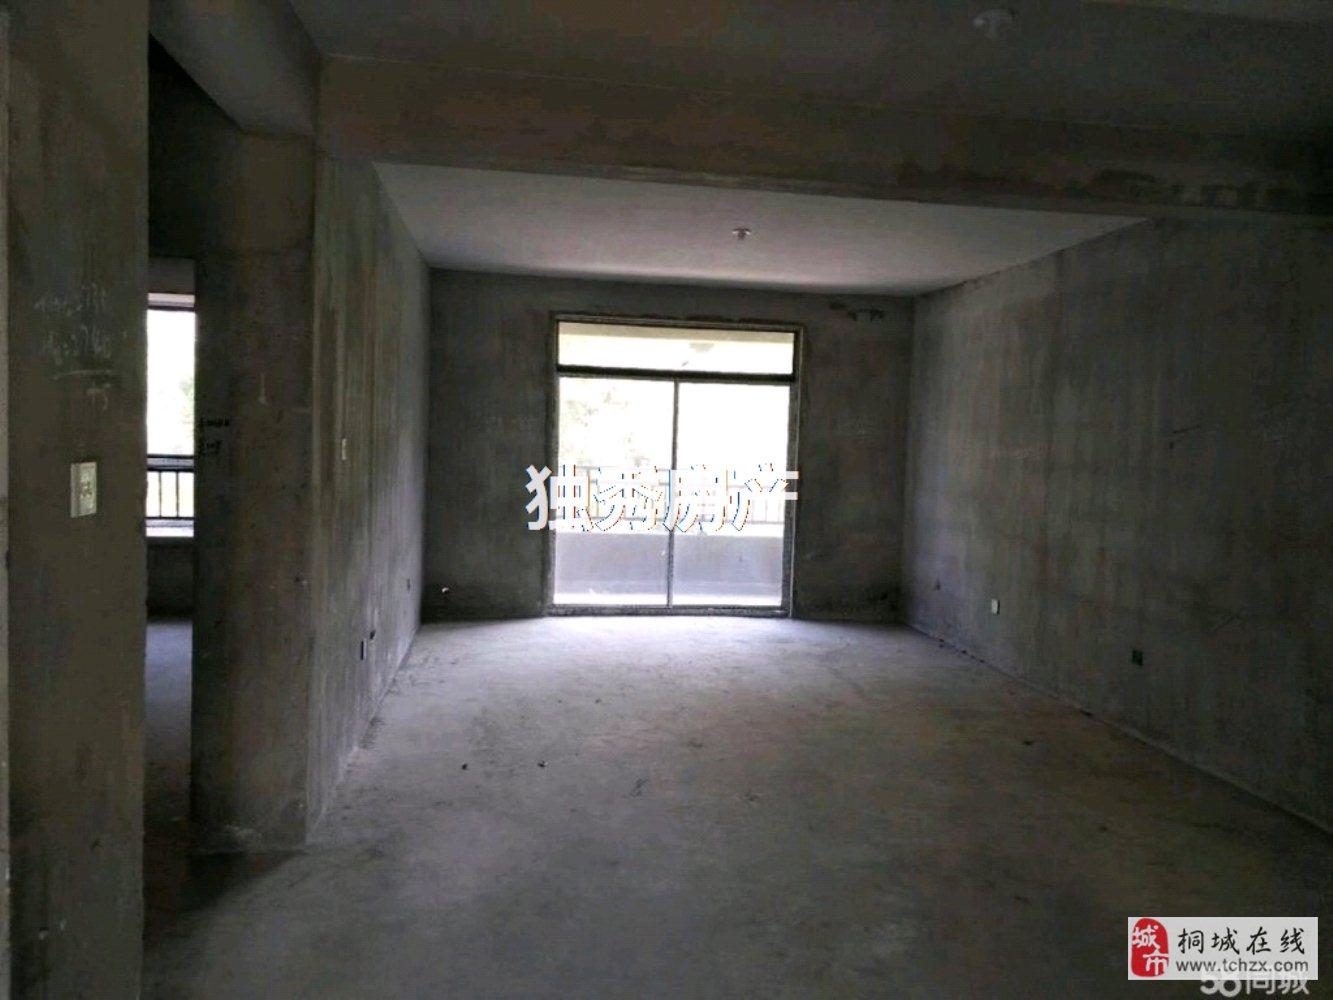 仙龙湖七里香溪毛坯3室2厅1卫72万元